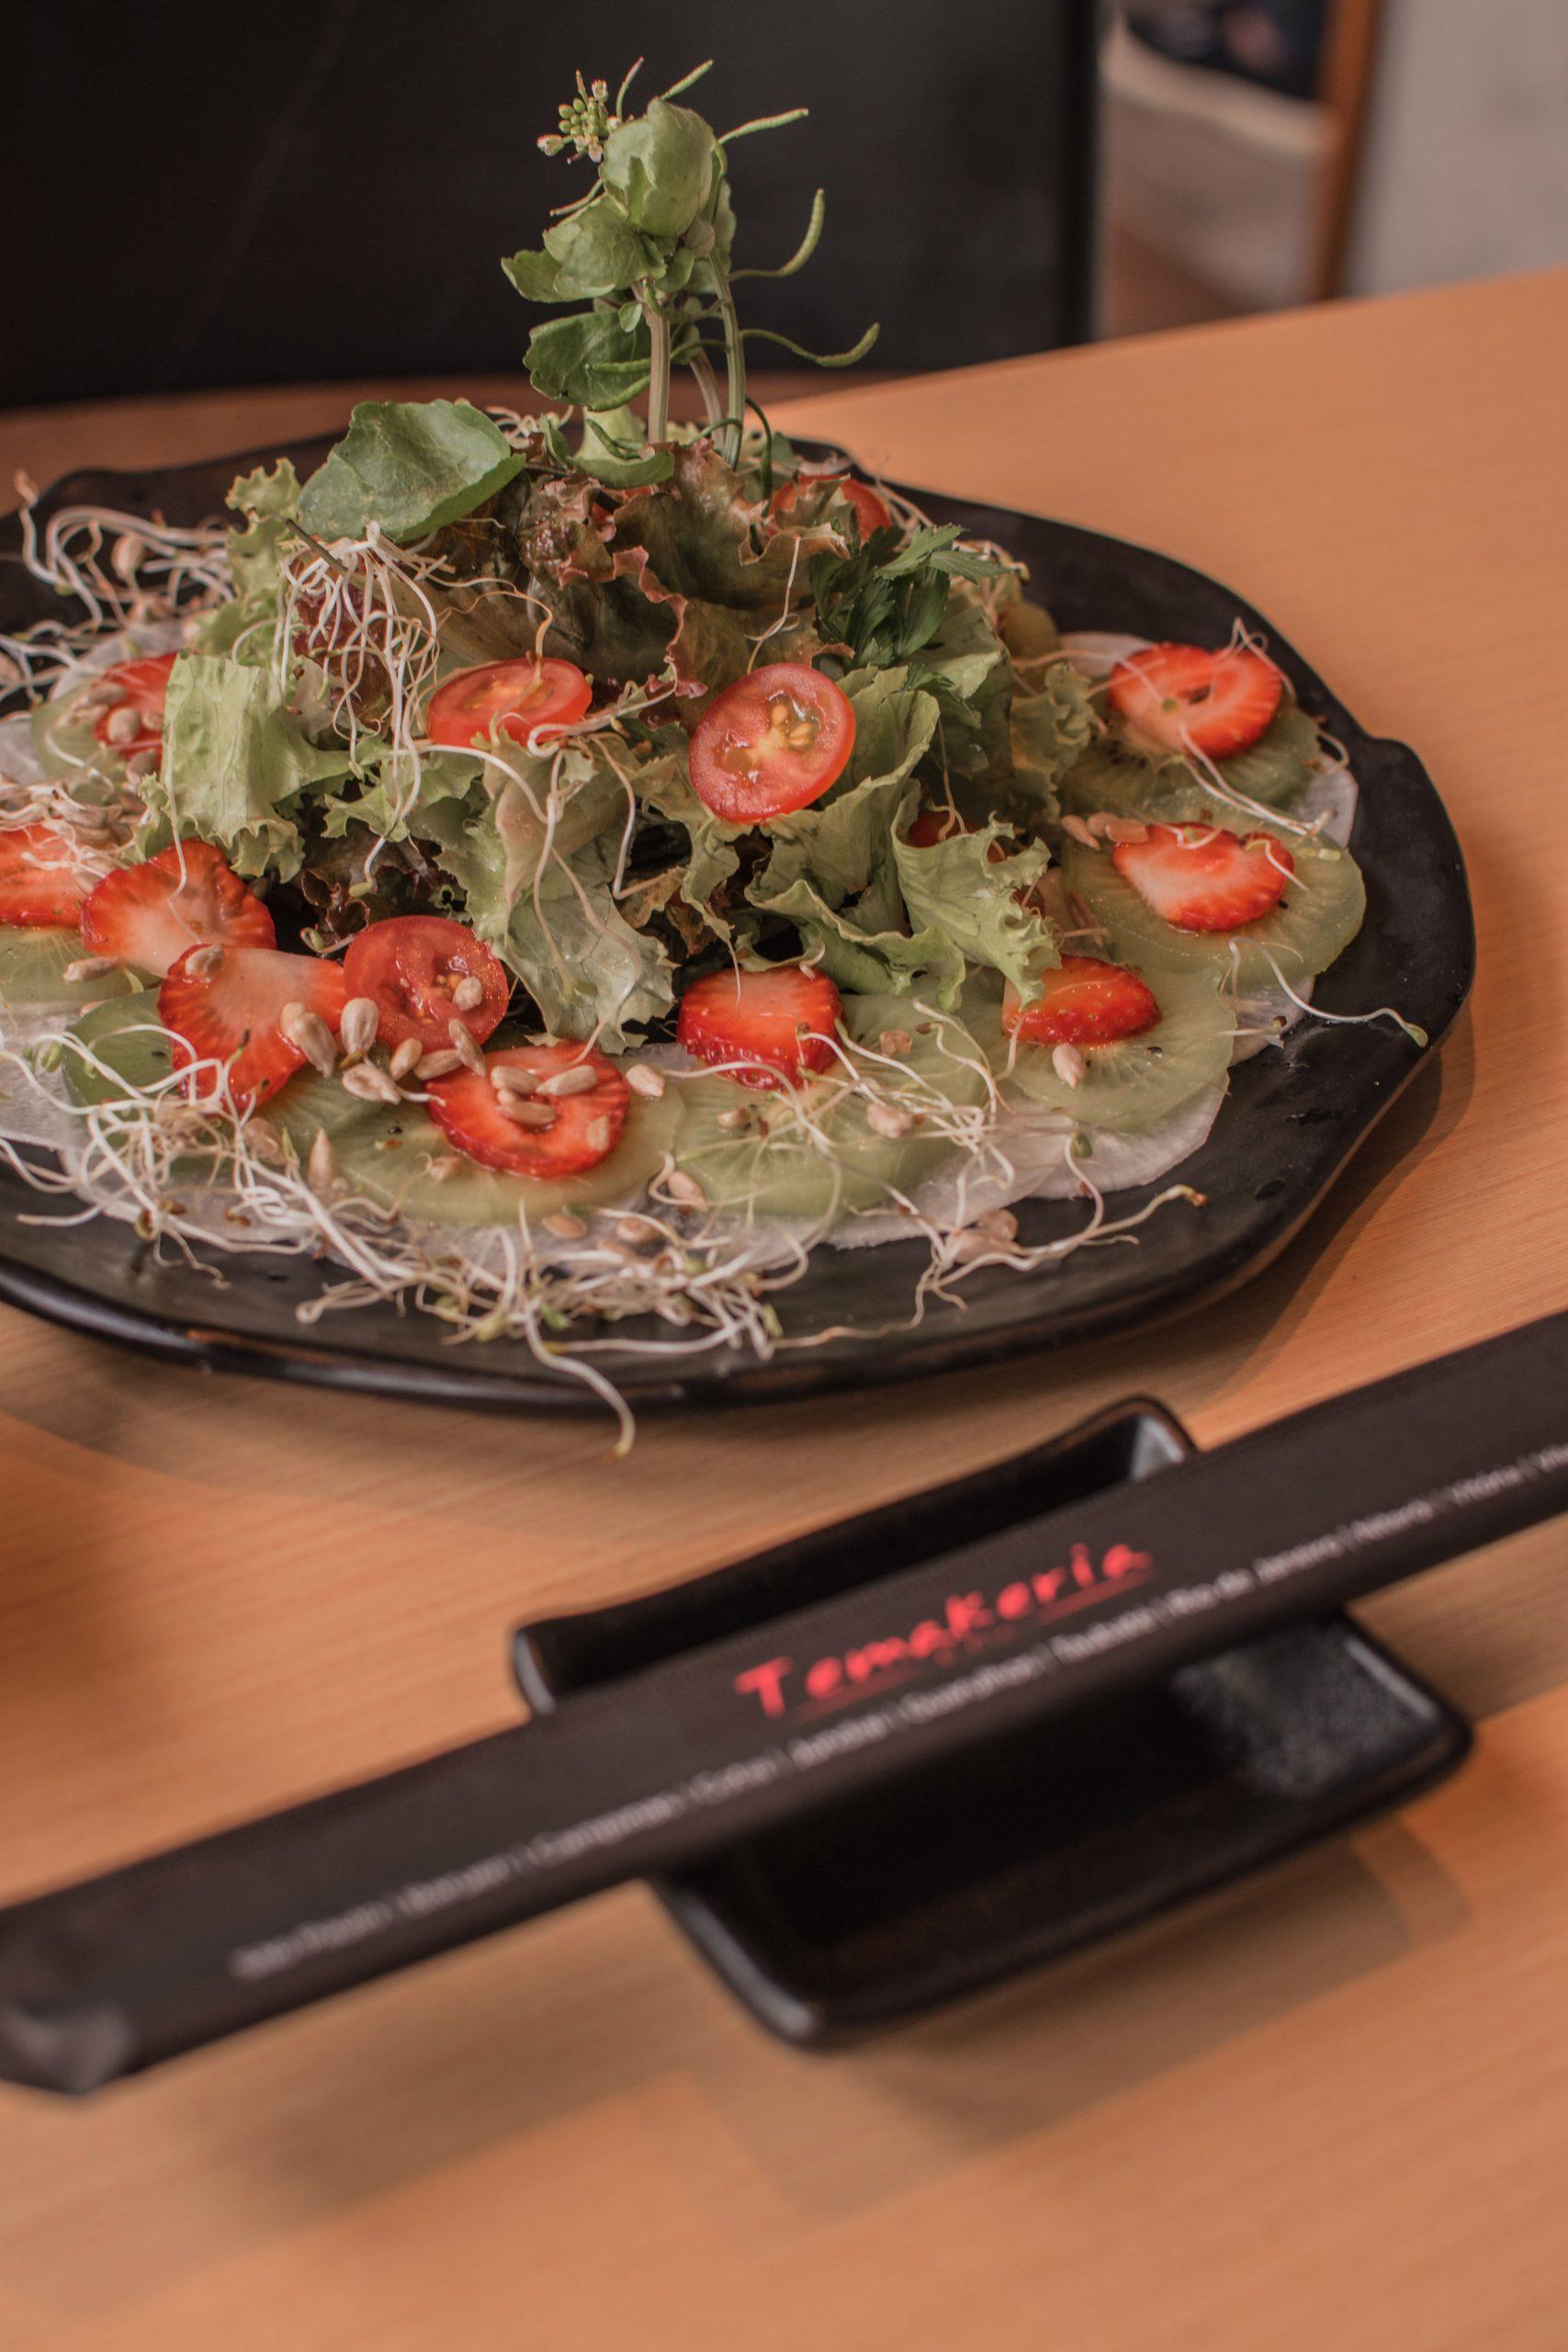 Confira um roteiro pelos restaurantes do Rio, SP e Salvador com pratos vegetarianos e veganos para o Dia Mundial Sem Carne